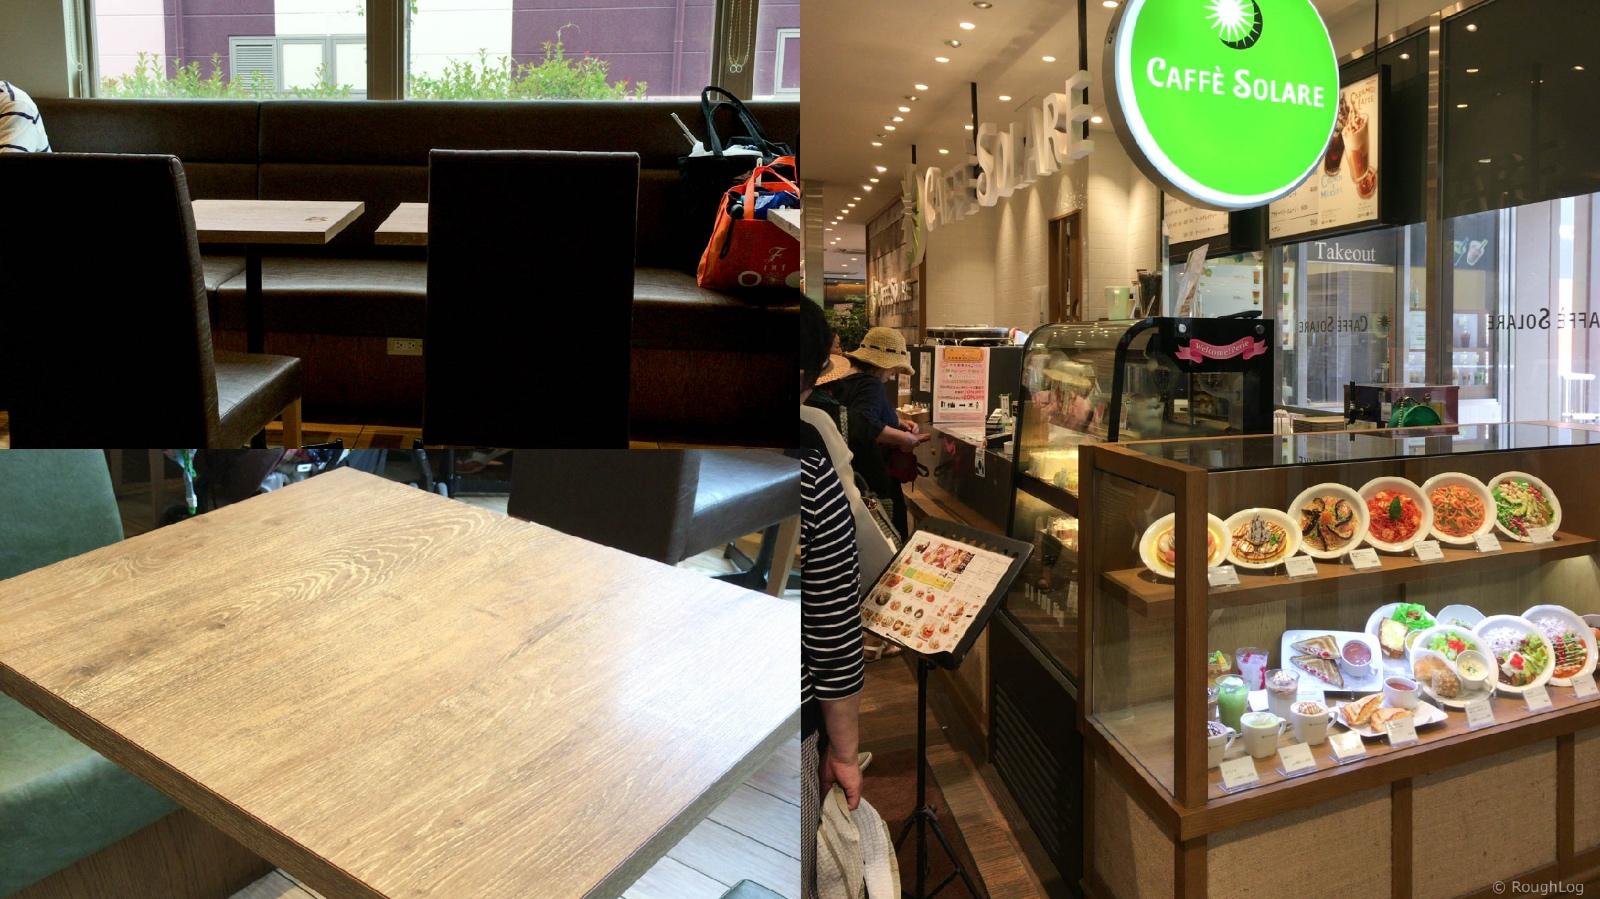 海浜幕張駅改札内にある便利な電源カフェ「カフェソラーレ海浜幕張駅店」